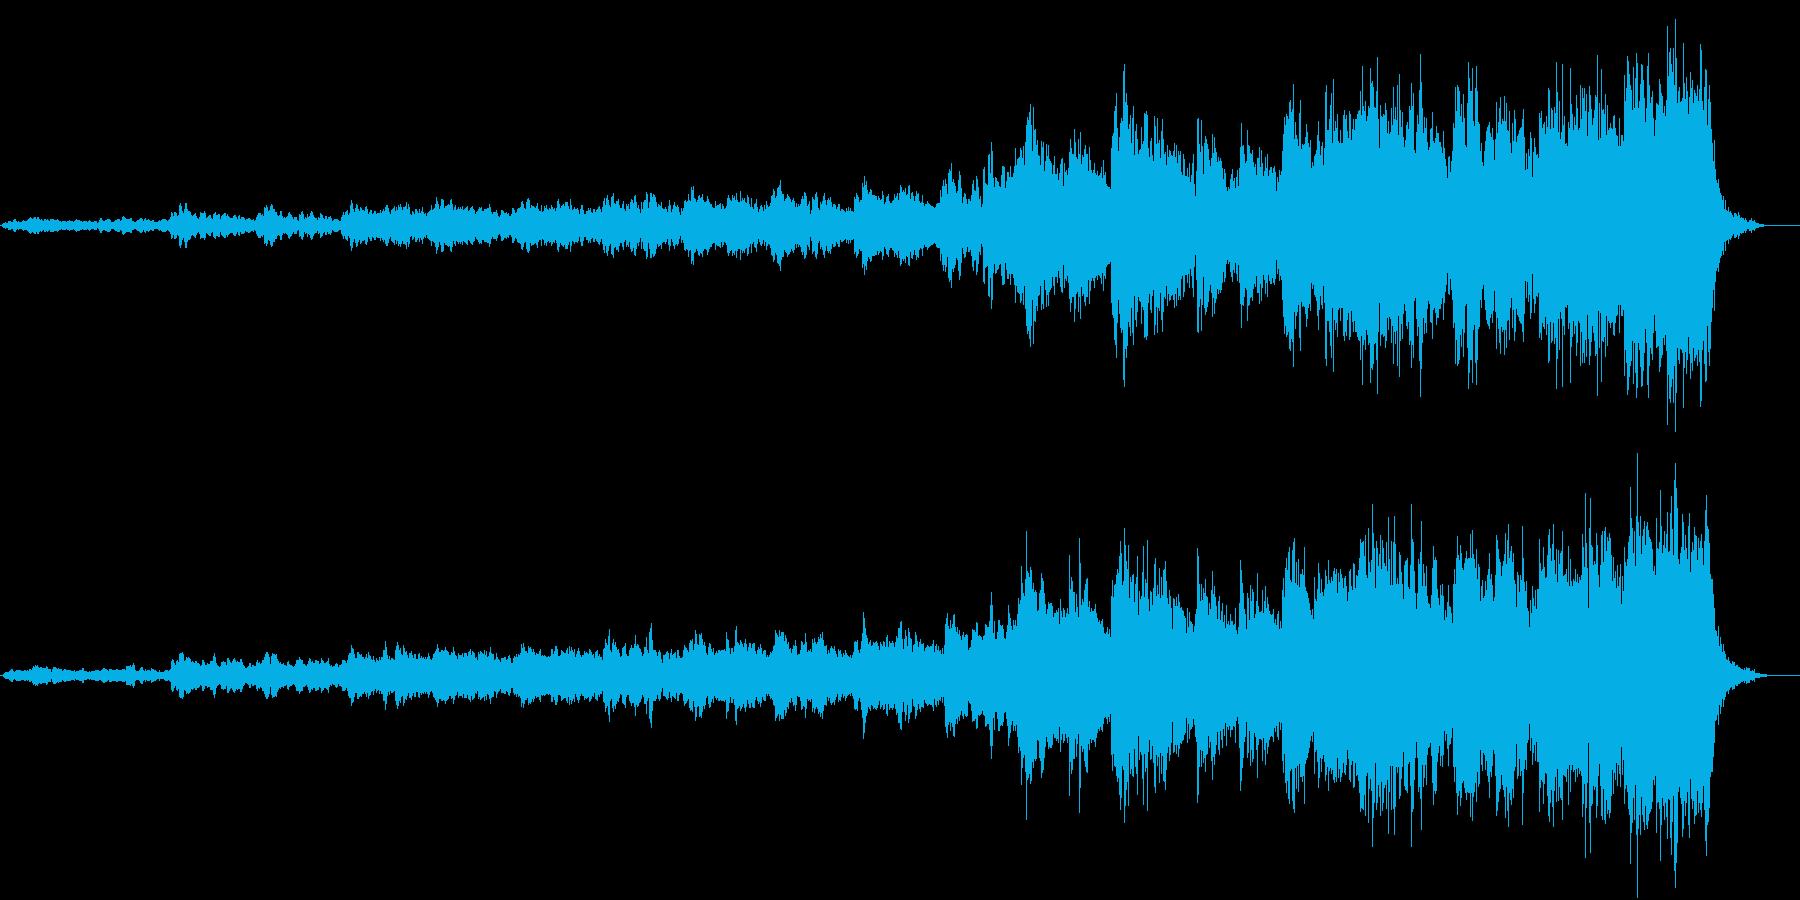 ゆったりと壮大で深みのある曲の再生済みの波形